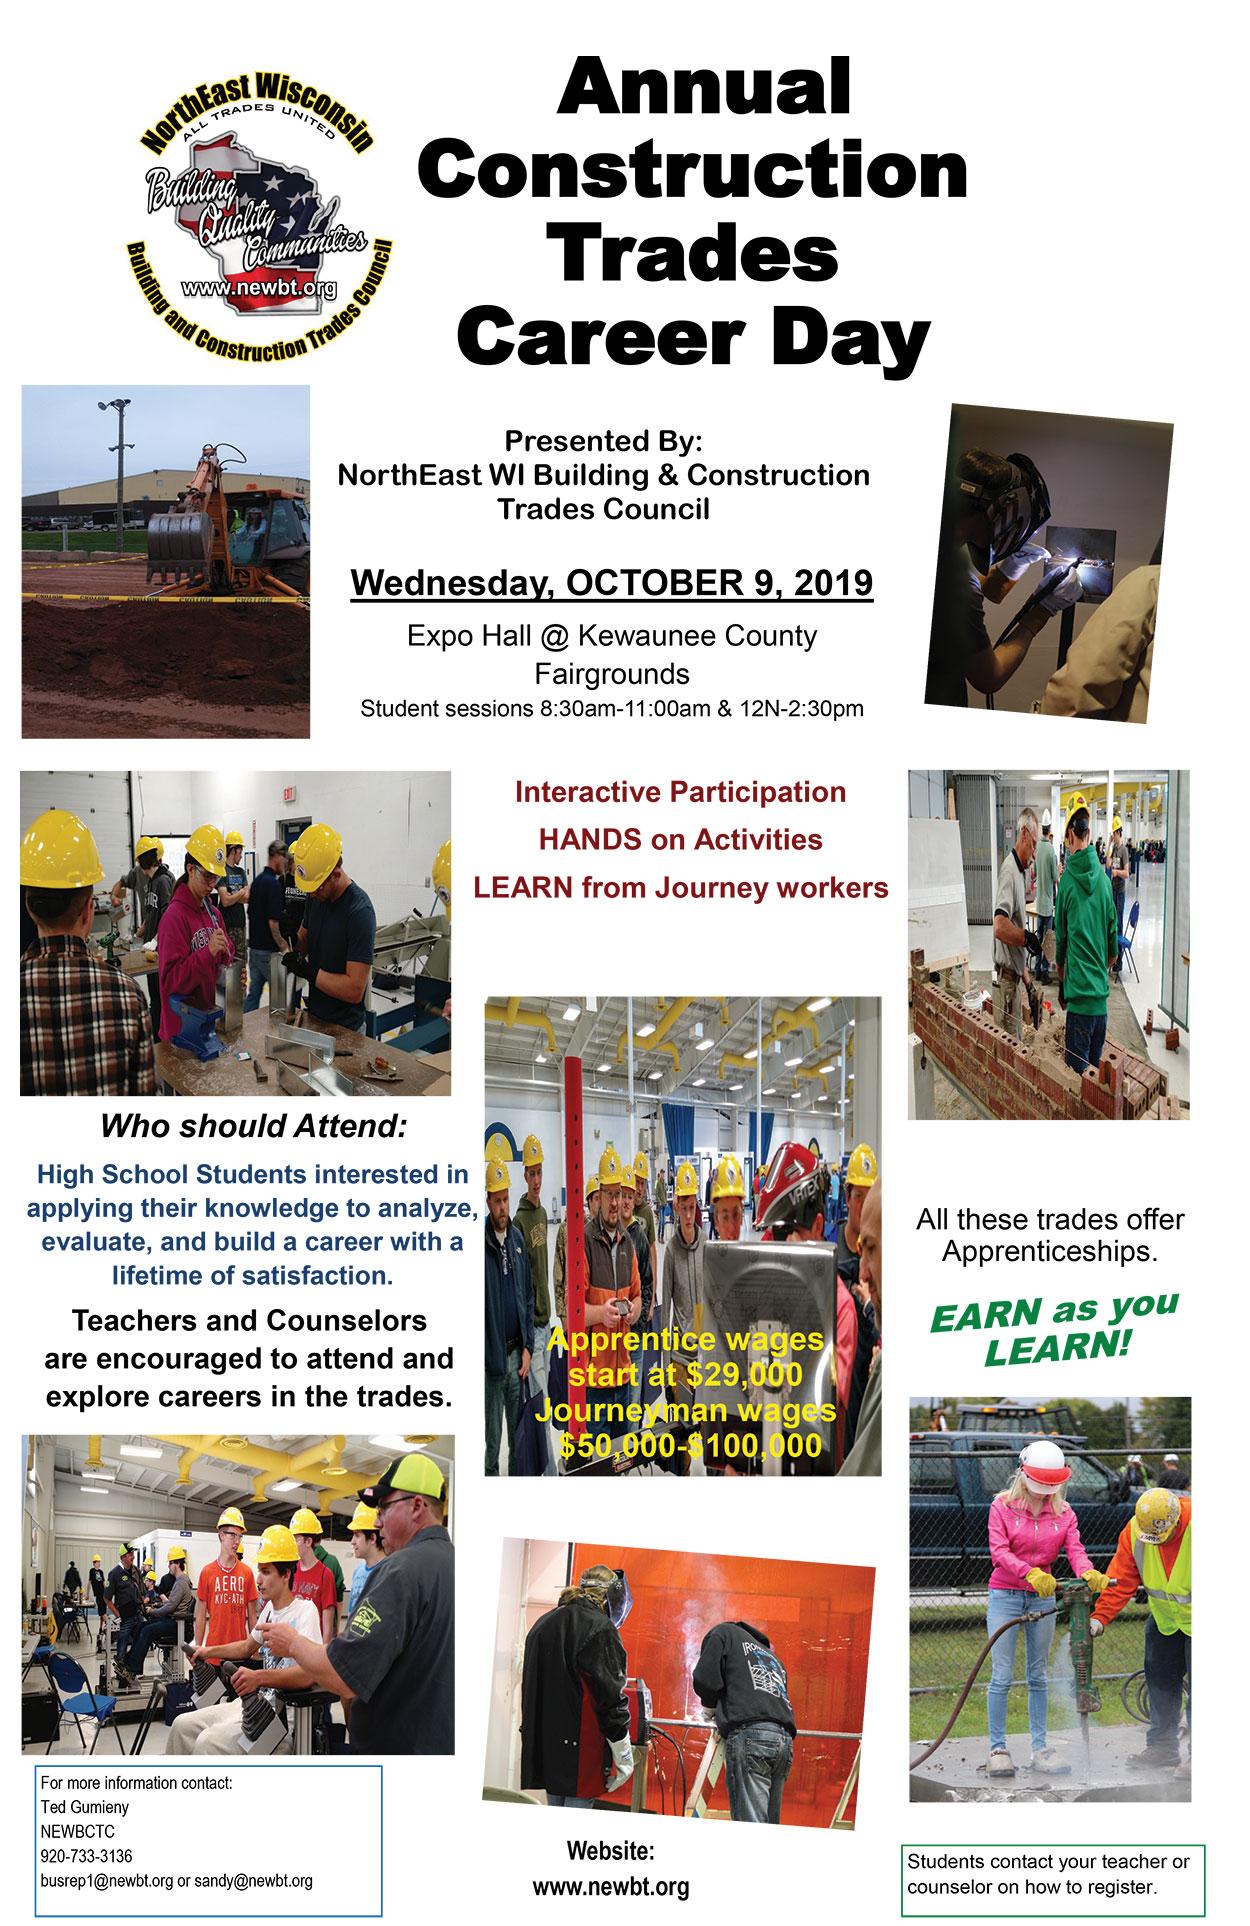 Apprenticeship in Wisconsin ~ The NorthEast Wisconsin